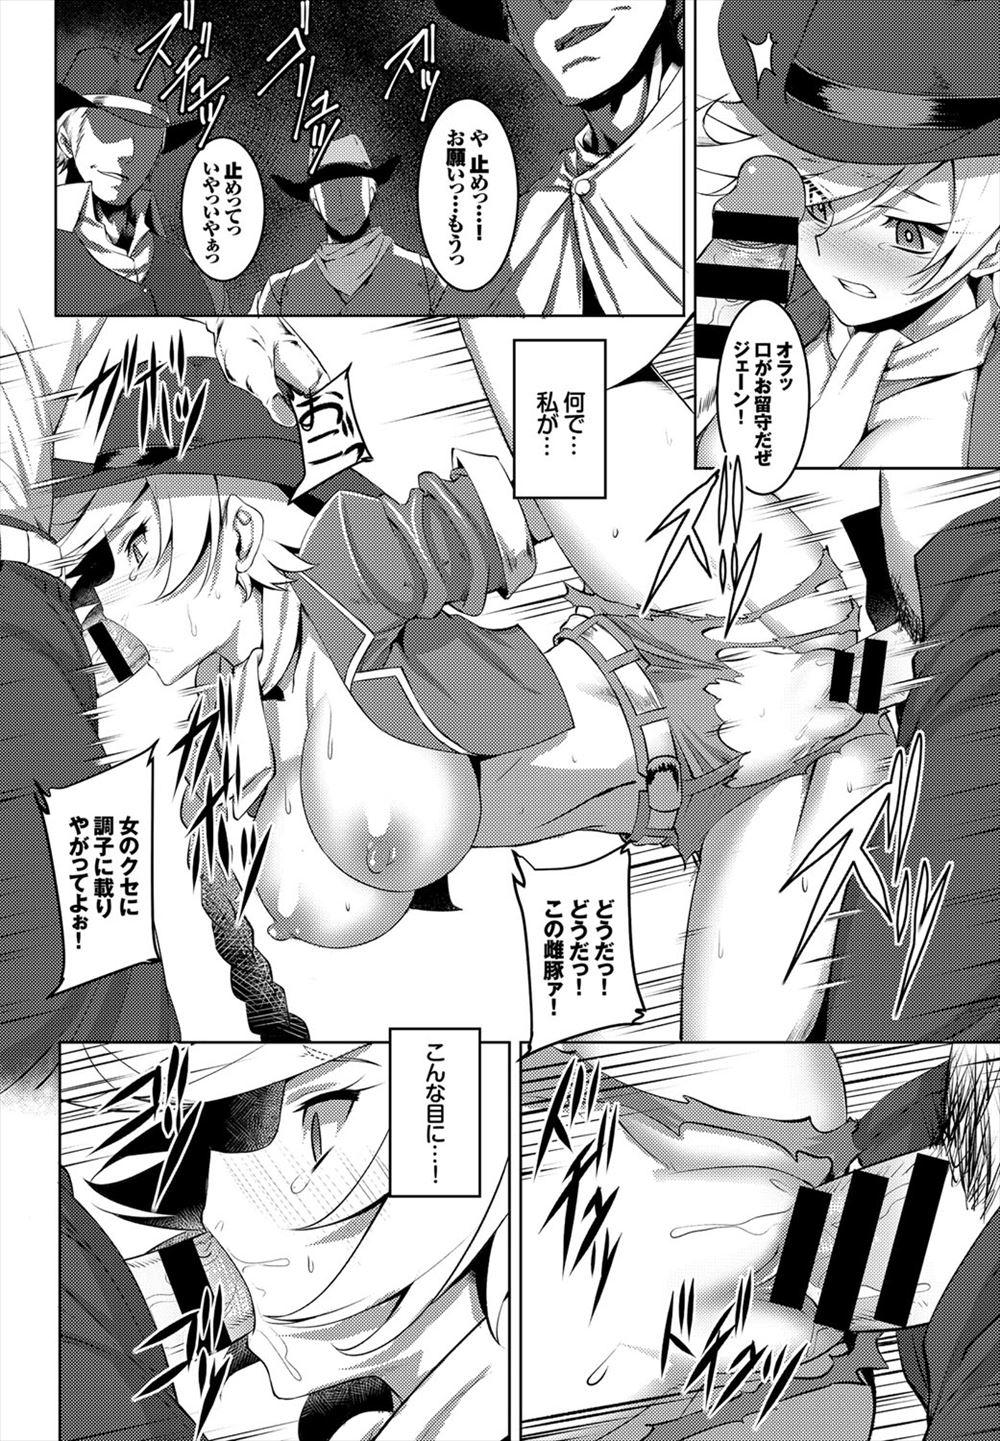 ズ エロ ゲーム ダーウィン 漫画